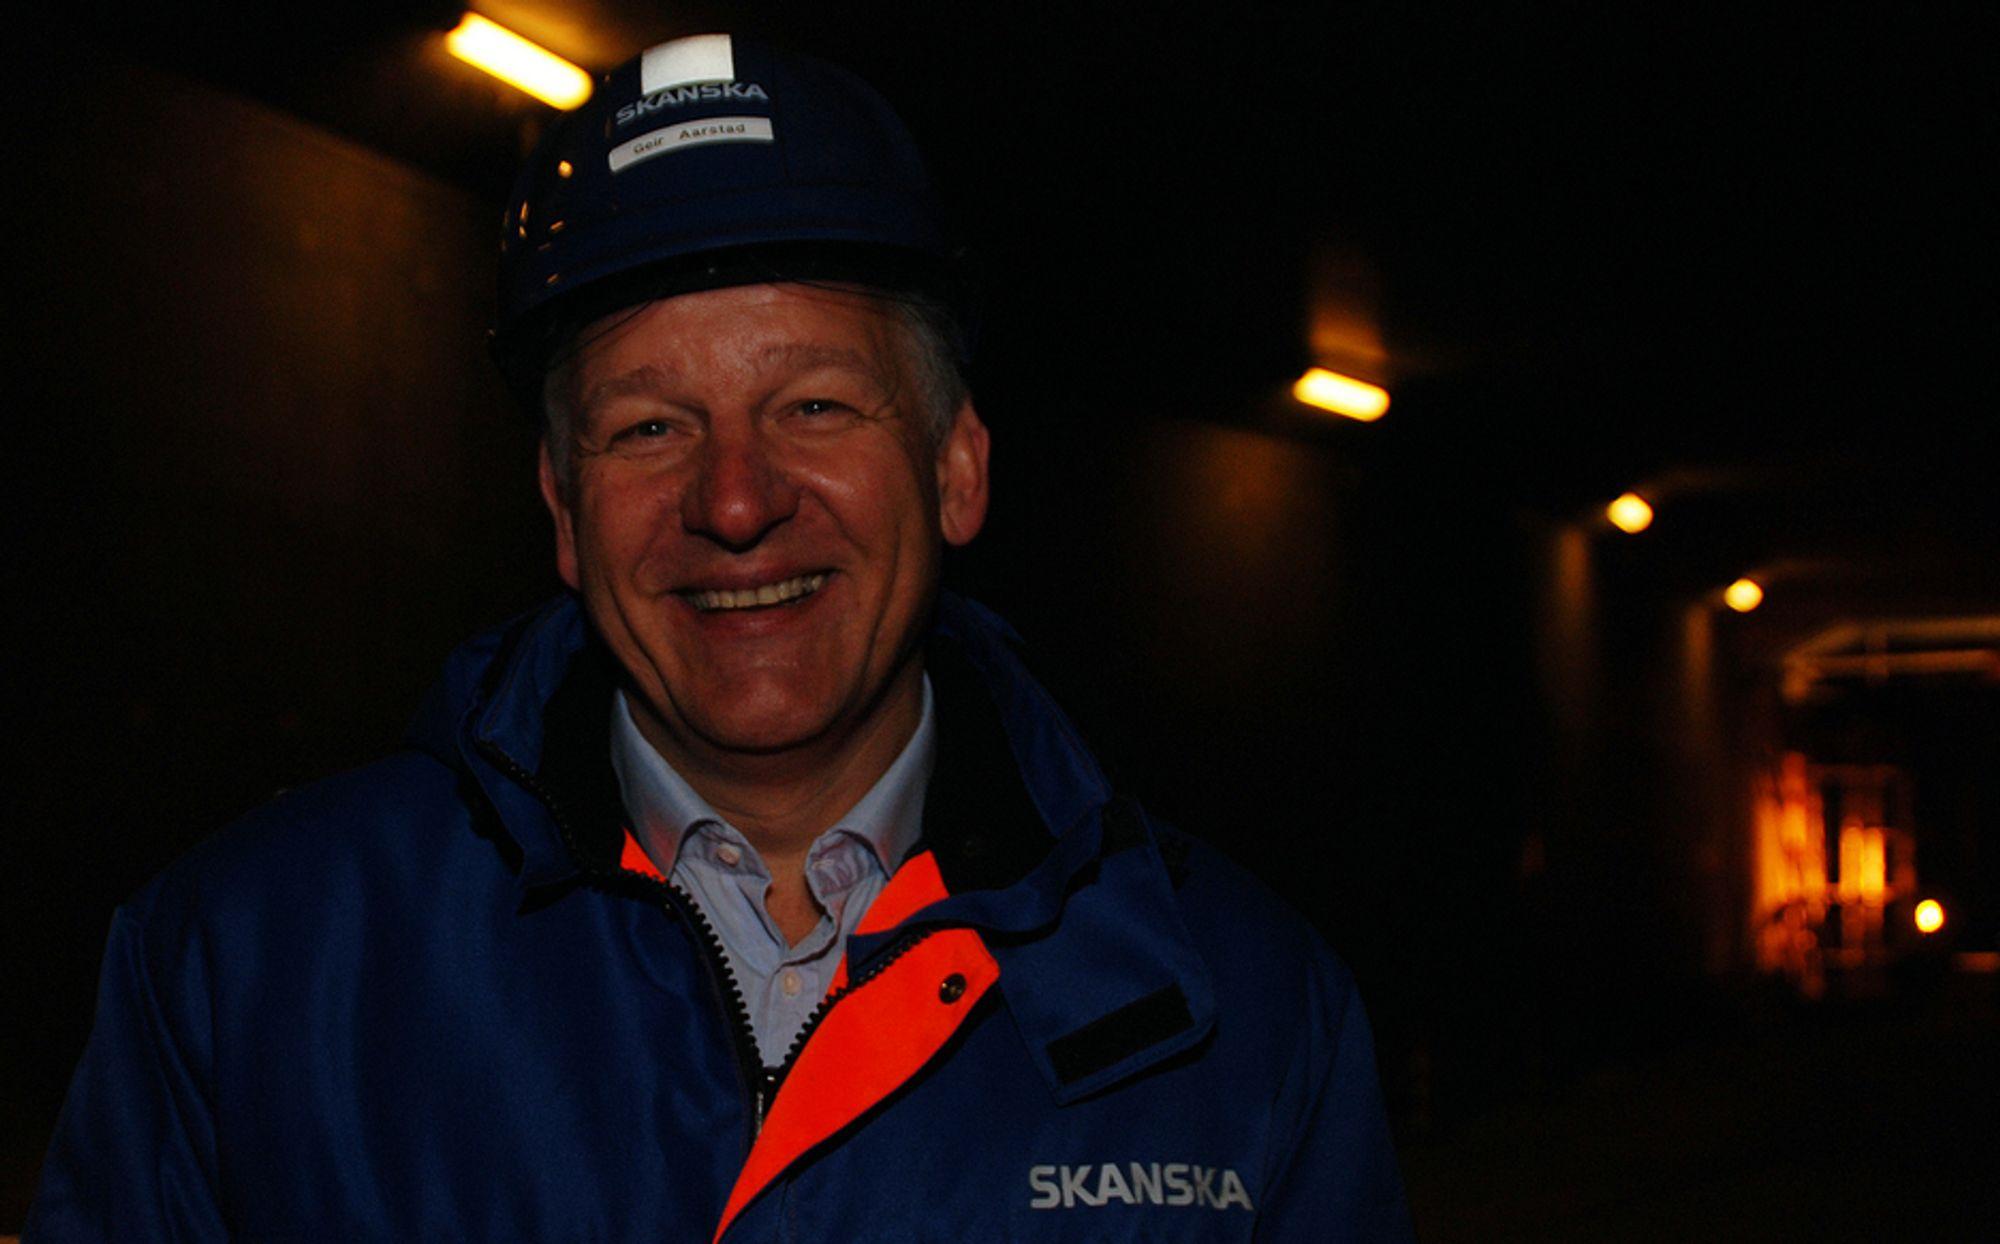 Geir Magne Aarstad ble ansatt i Skanska i 1989, og han har hatt flere forskjellige stillinger i selskapet, før han i 2004 ble adm. dir.